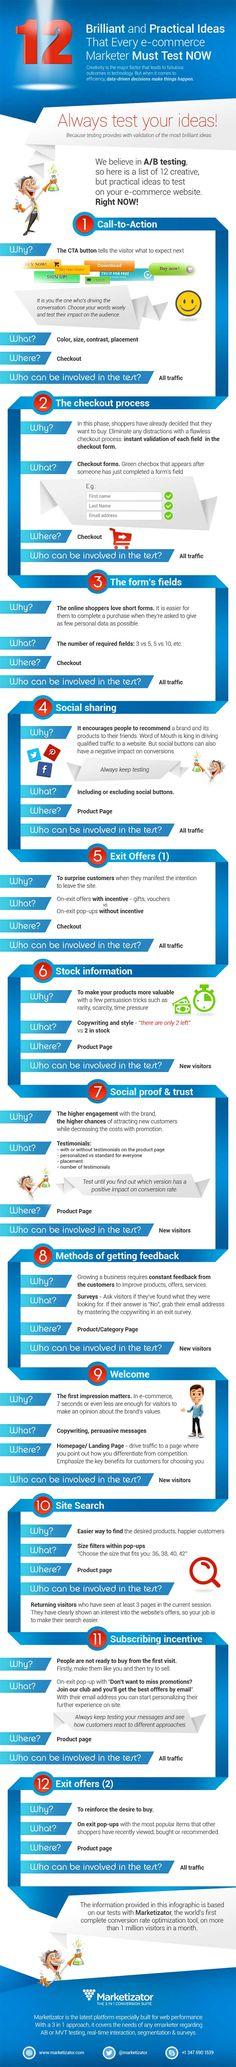 Infografía donde mostramos 12 elementos que todo eCommerce marketing manager debería probar para mejorar los kpis de su tienda online